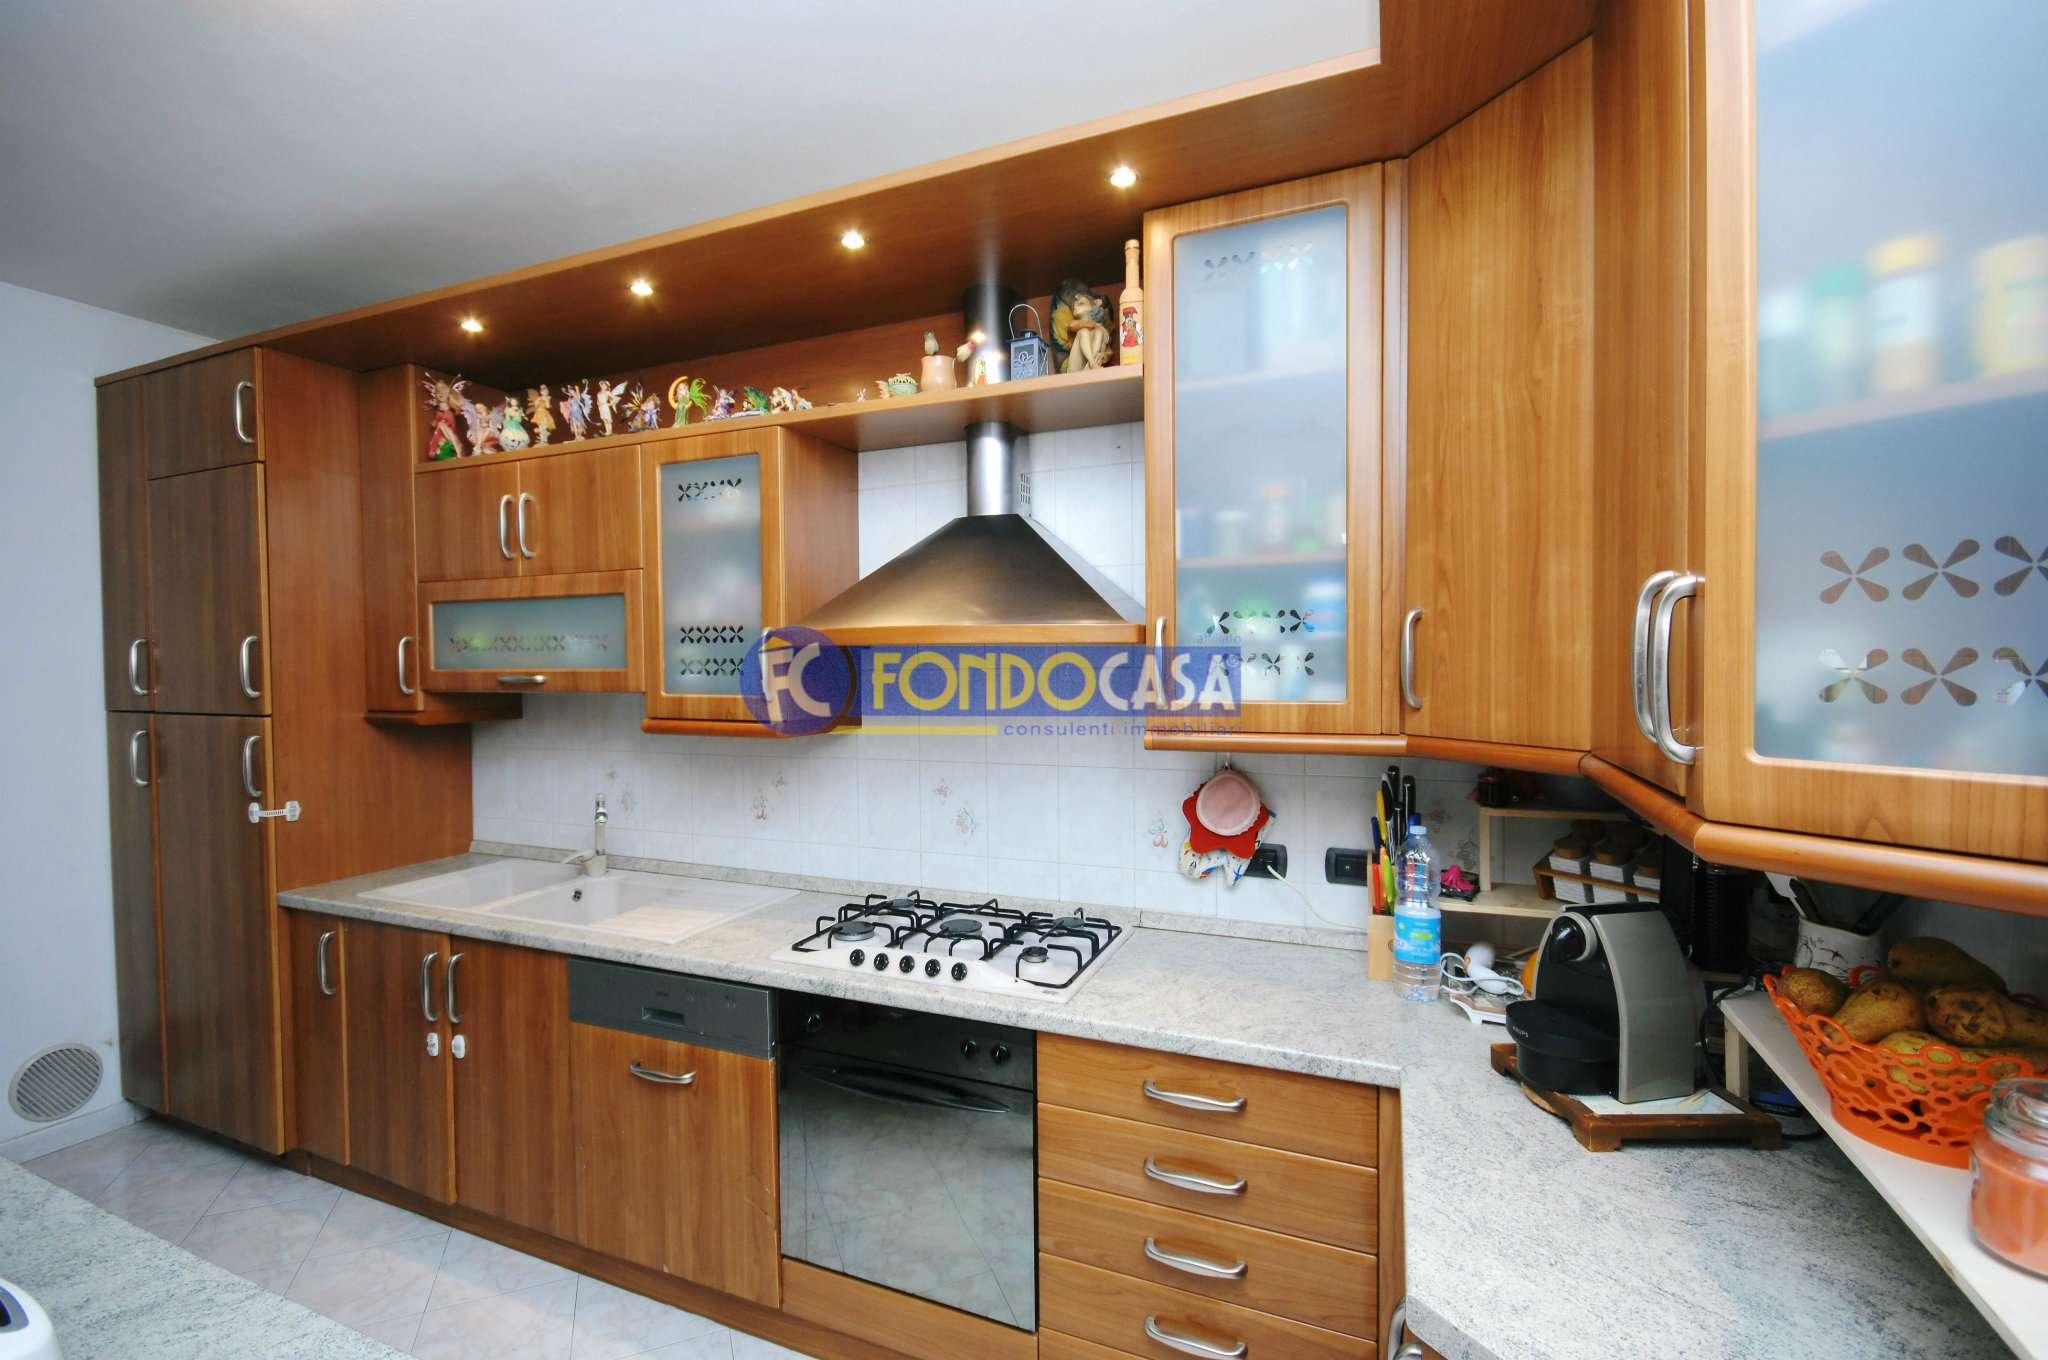 Appartamento in vendita a Calvignasco, 3 locali, prezzo € 129.000 | Cambio Casa.it